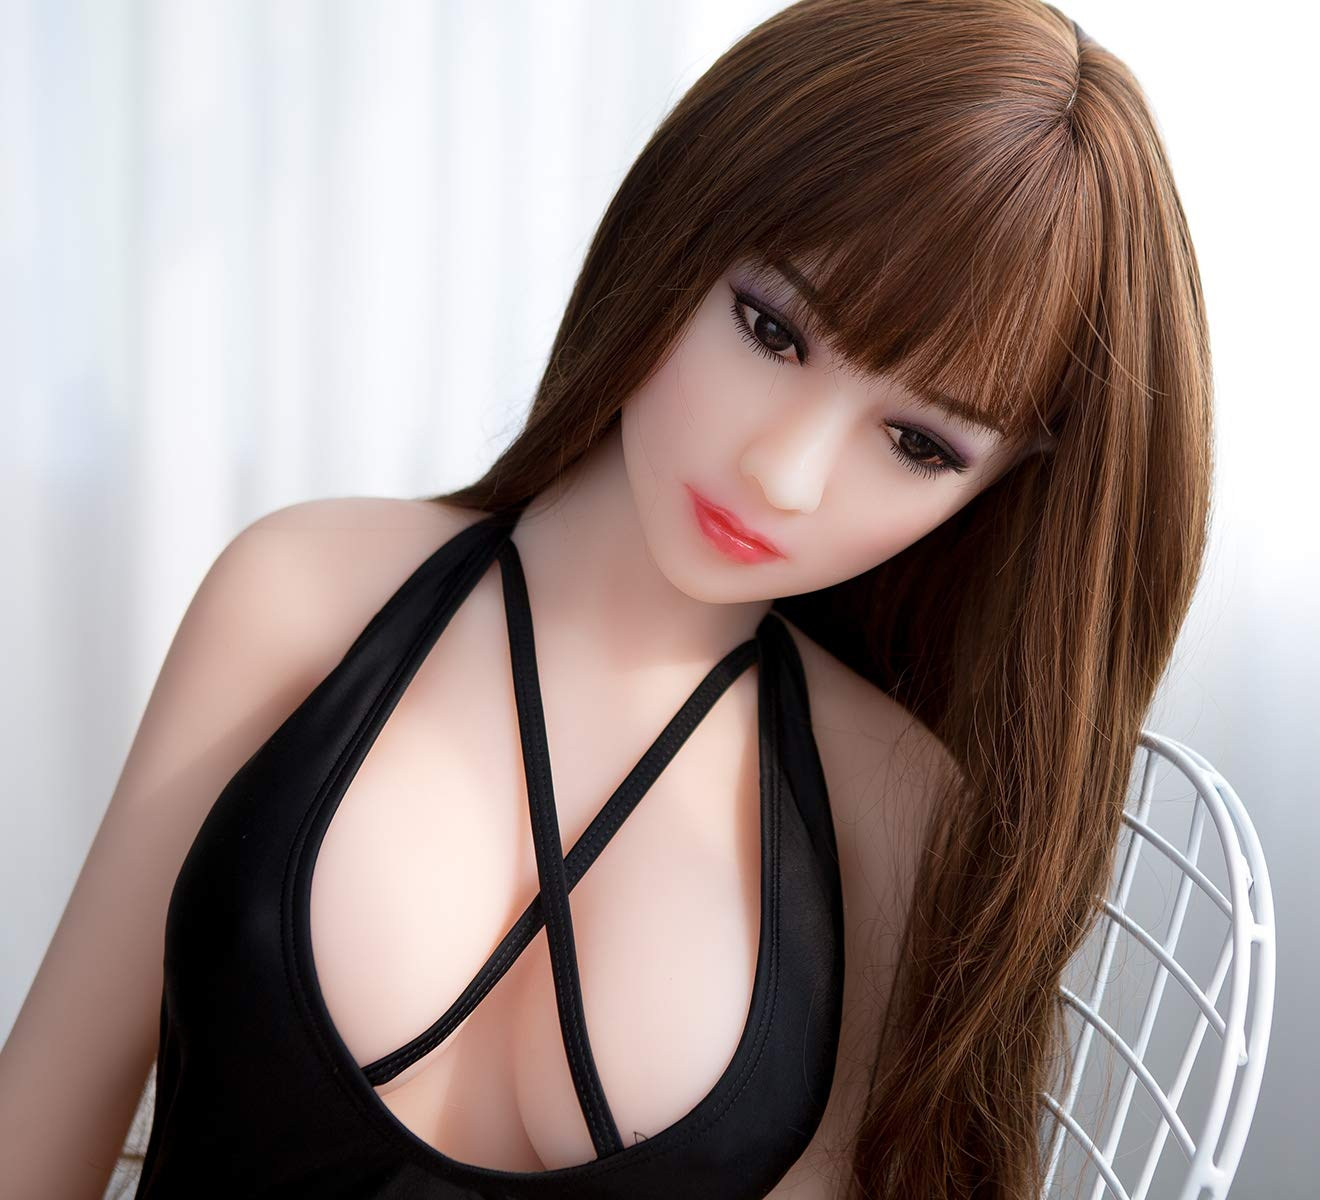 160cm TPE/muñeca silicona, de silicona, TPE/muñeca hombres maduros y mujeres masturbación masaje juguete RS-Love3 muñeca realista abierta 6f9651